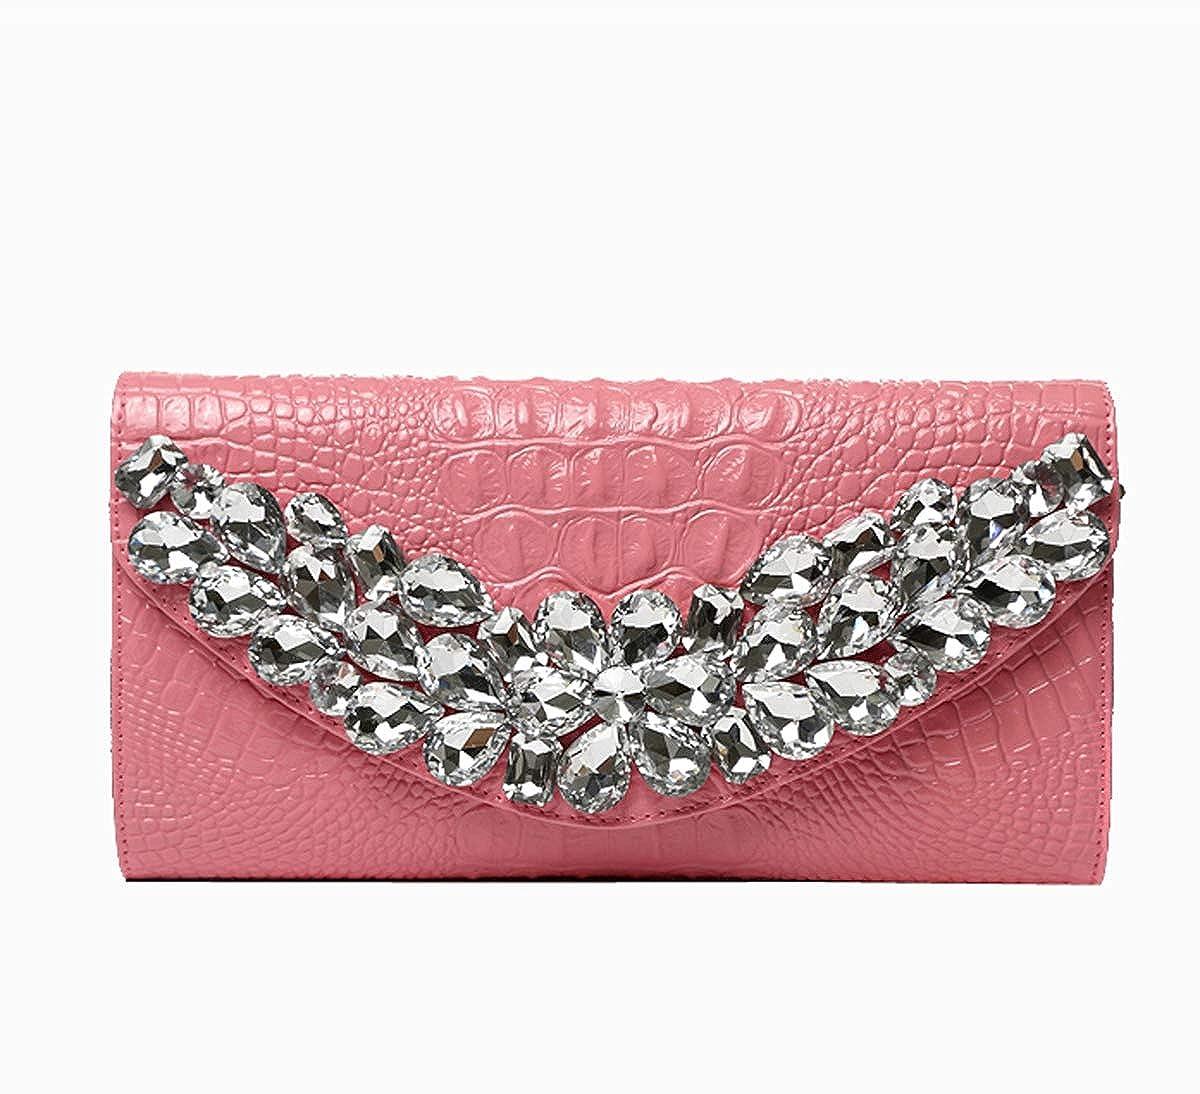 f4dd9dfeab20 Womens evening clutch leather diamond shoulder diagonal evening bag wedding  party prom pink inch handbags jpg